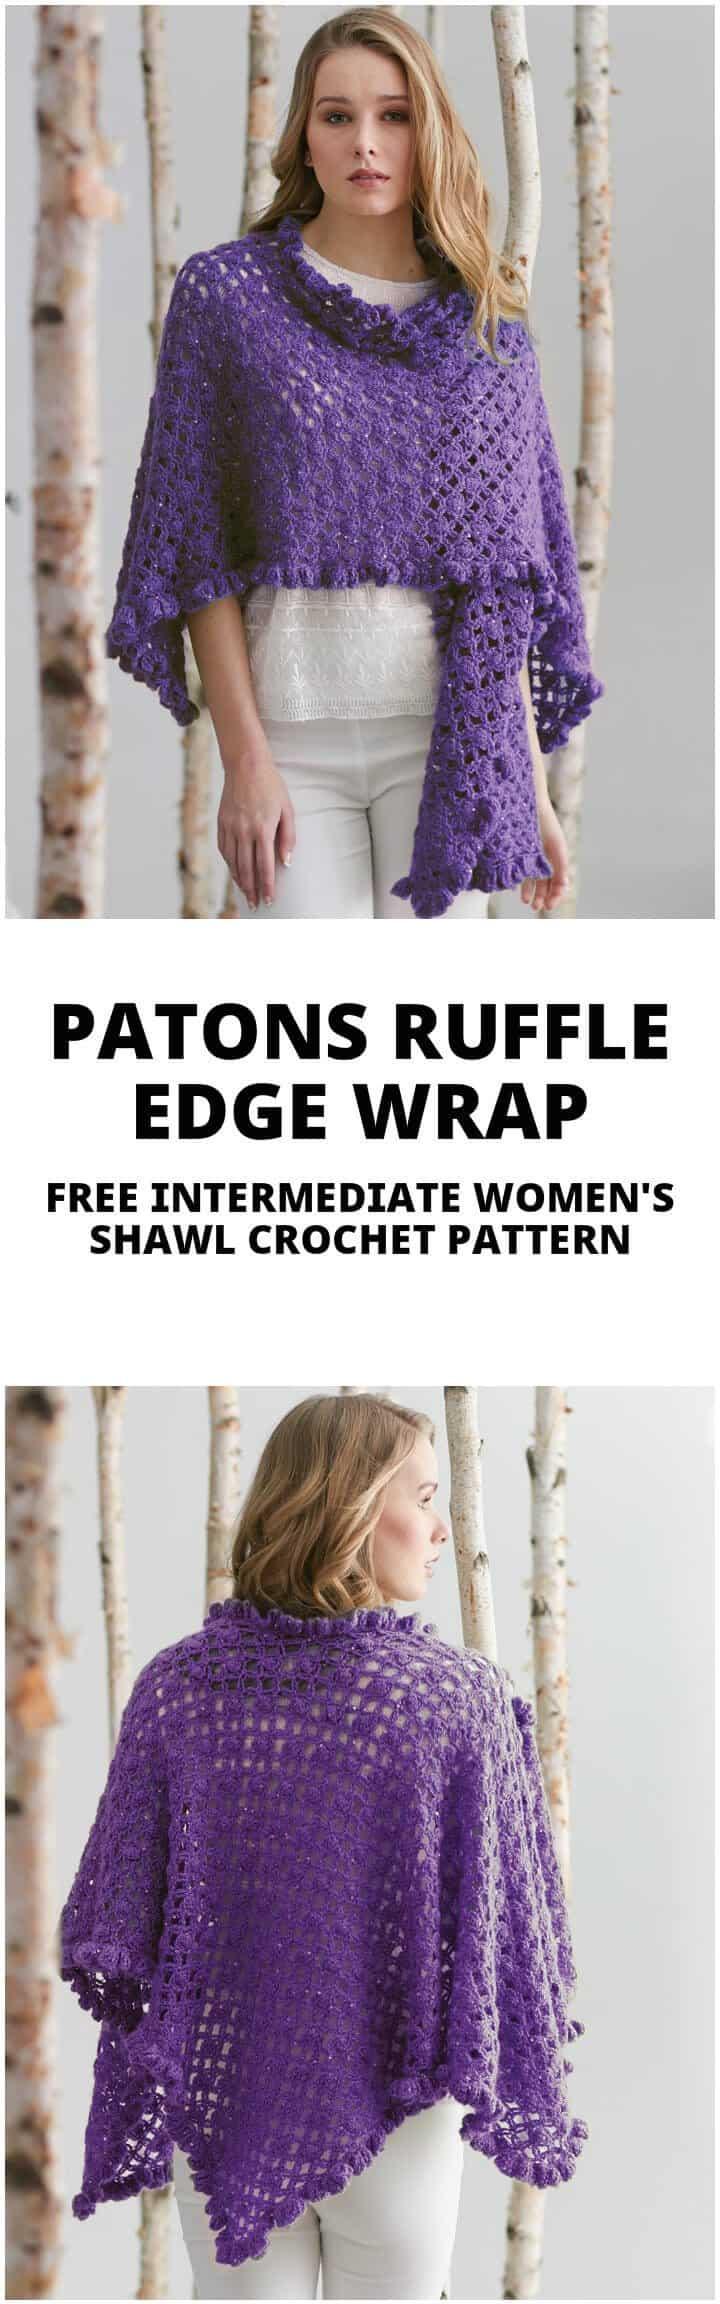 patons crochet gratis con borde de volantes o chal